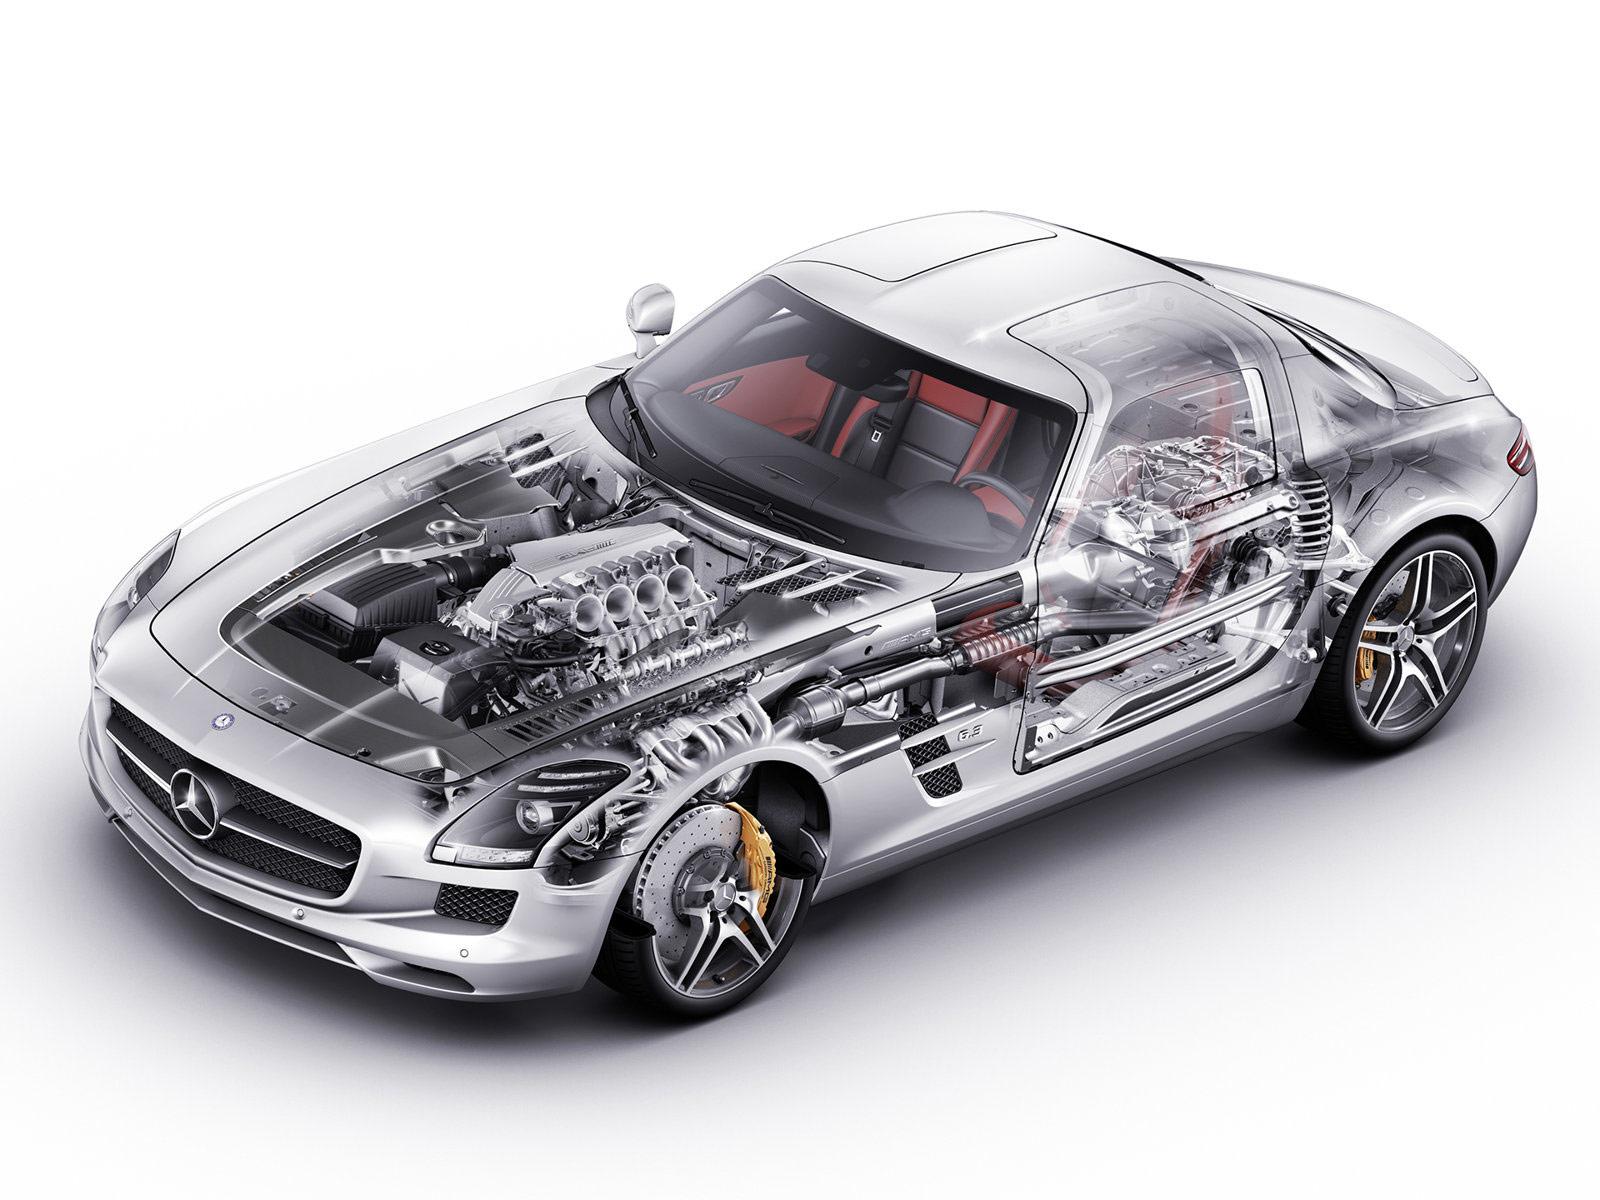 Super luxury car super car mercedes benz sls amg 2011 for Mercedes benz car